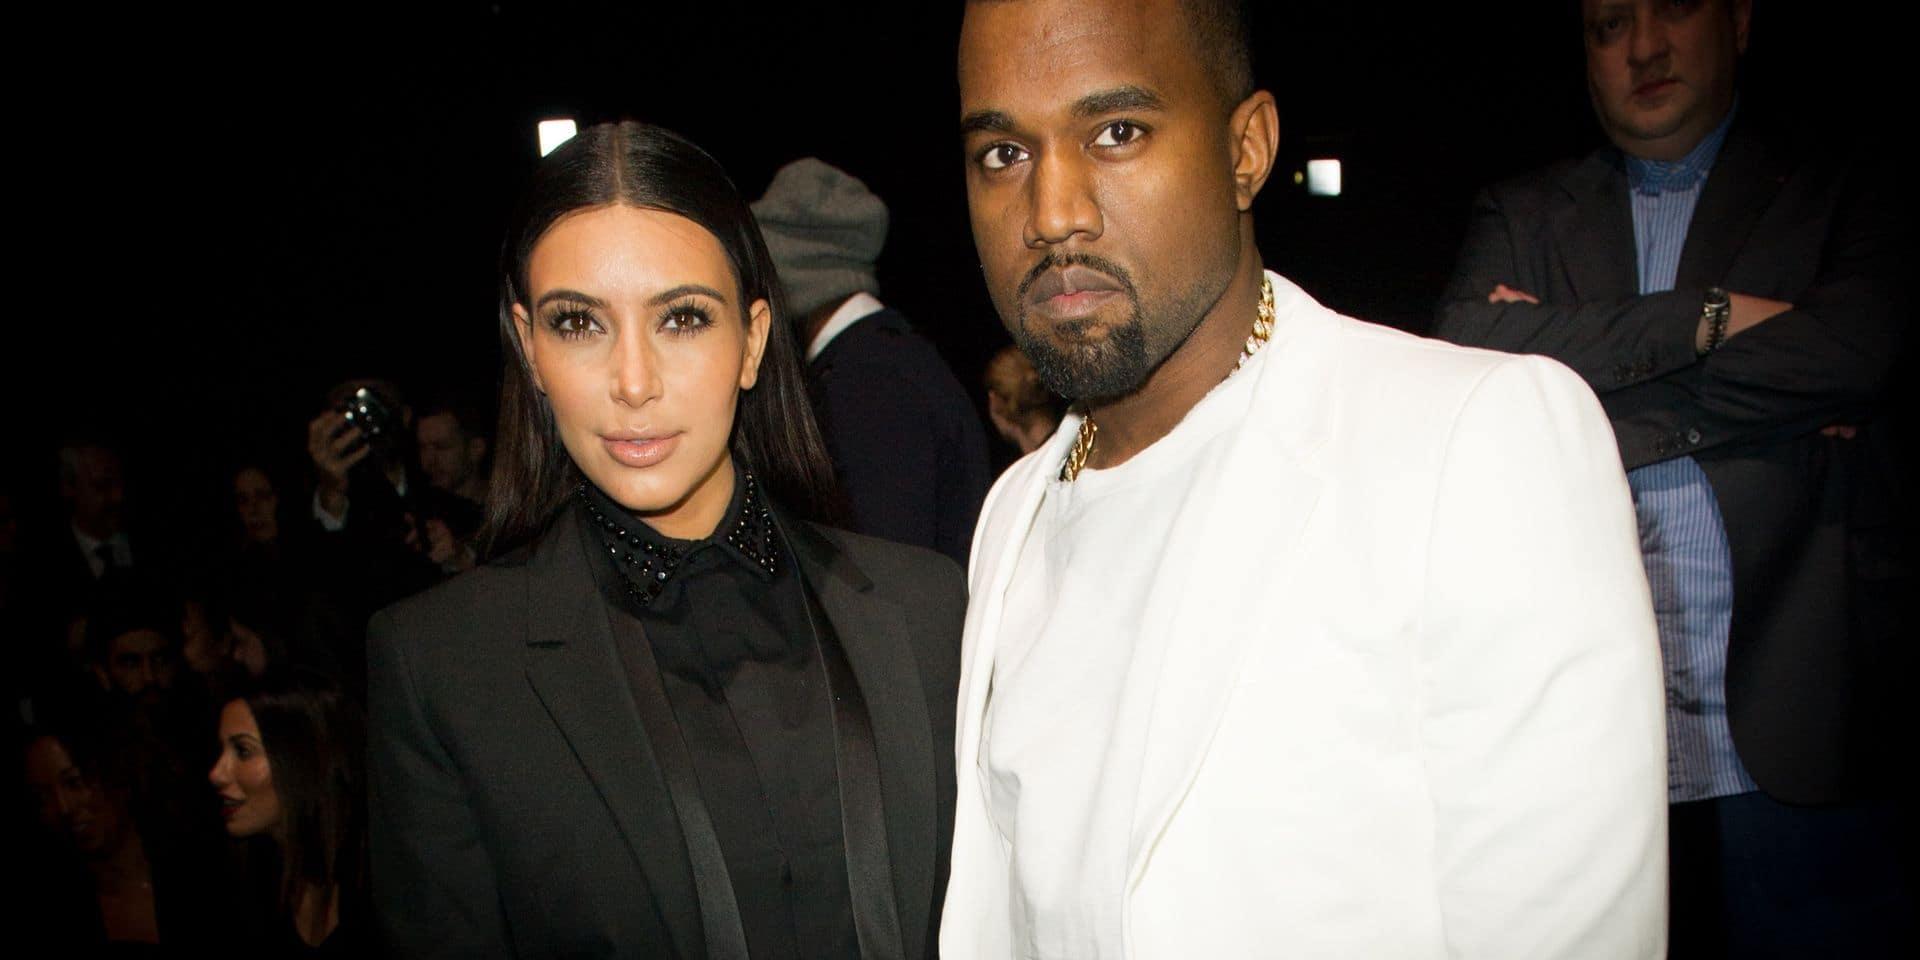 Kim Kardashian et Kanye West accusés d'avoir engagé des mineurs et d'avoir maltraité leurs employés